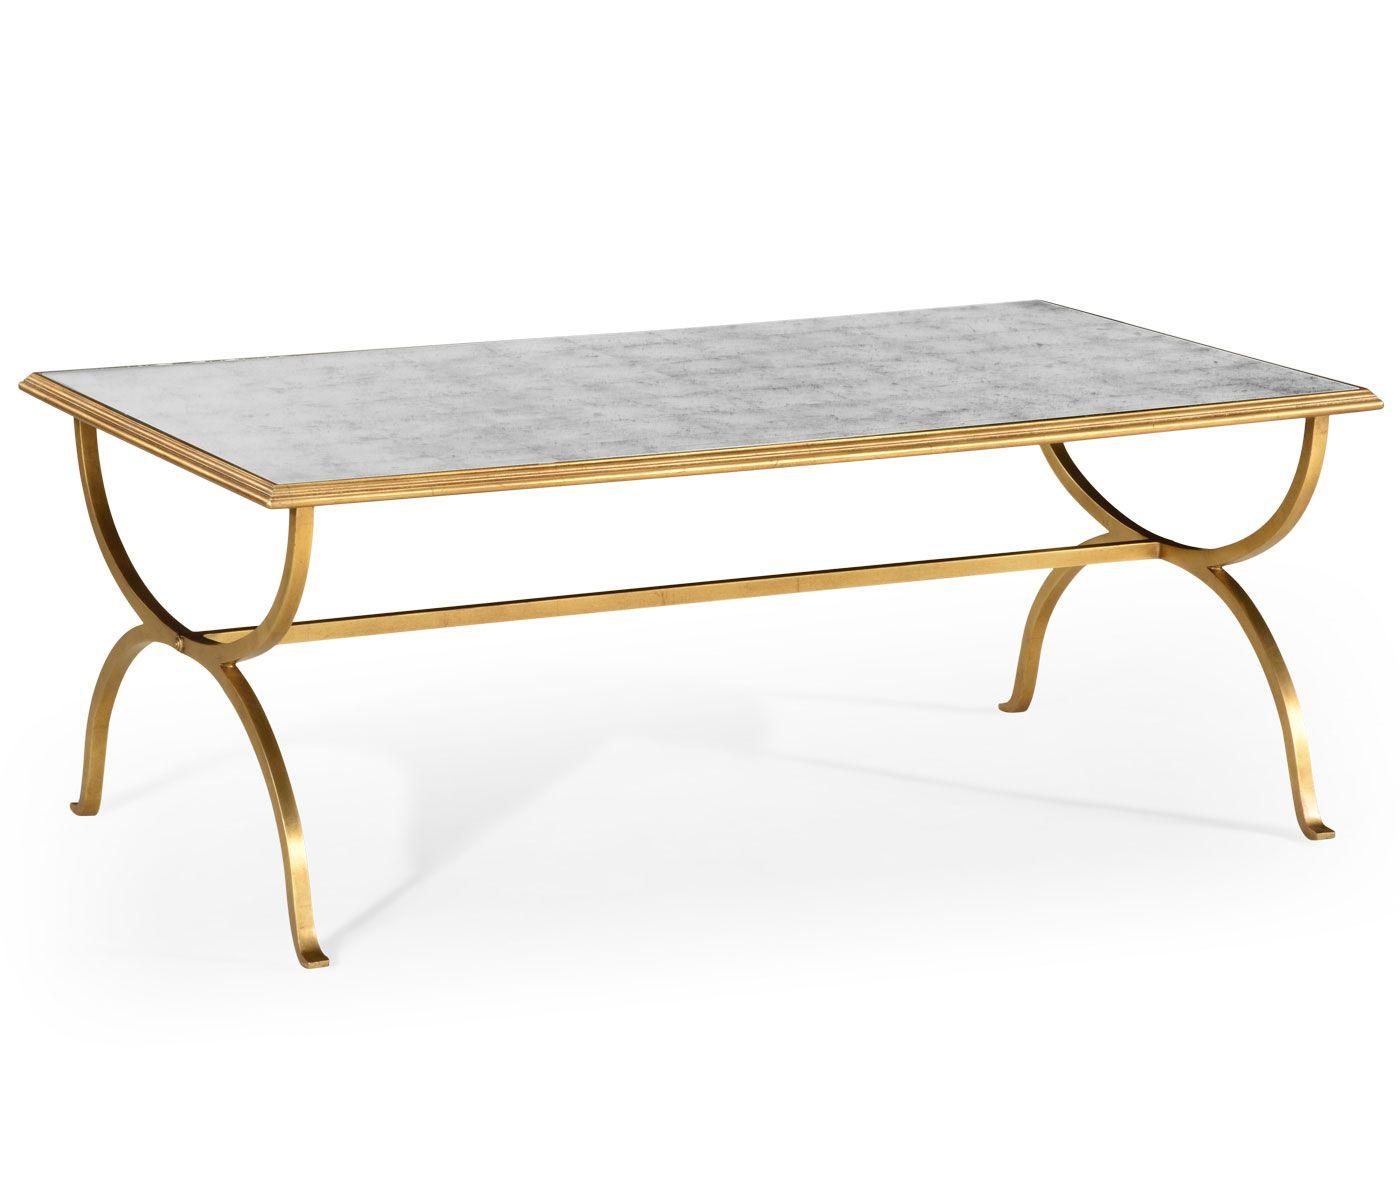 Églomisé U0026 Gilded Iron Coffee Table